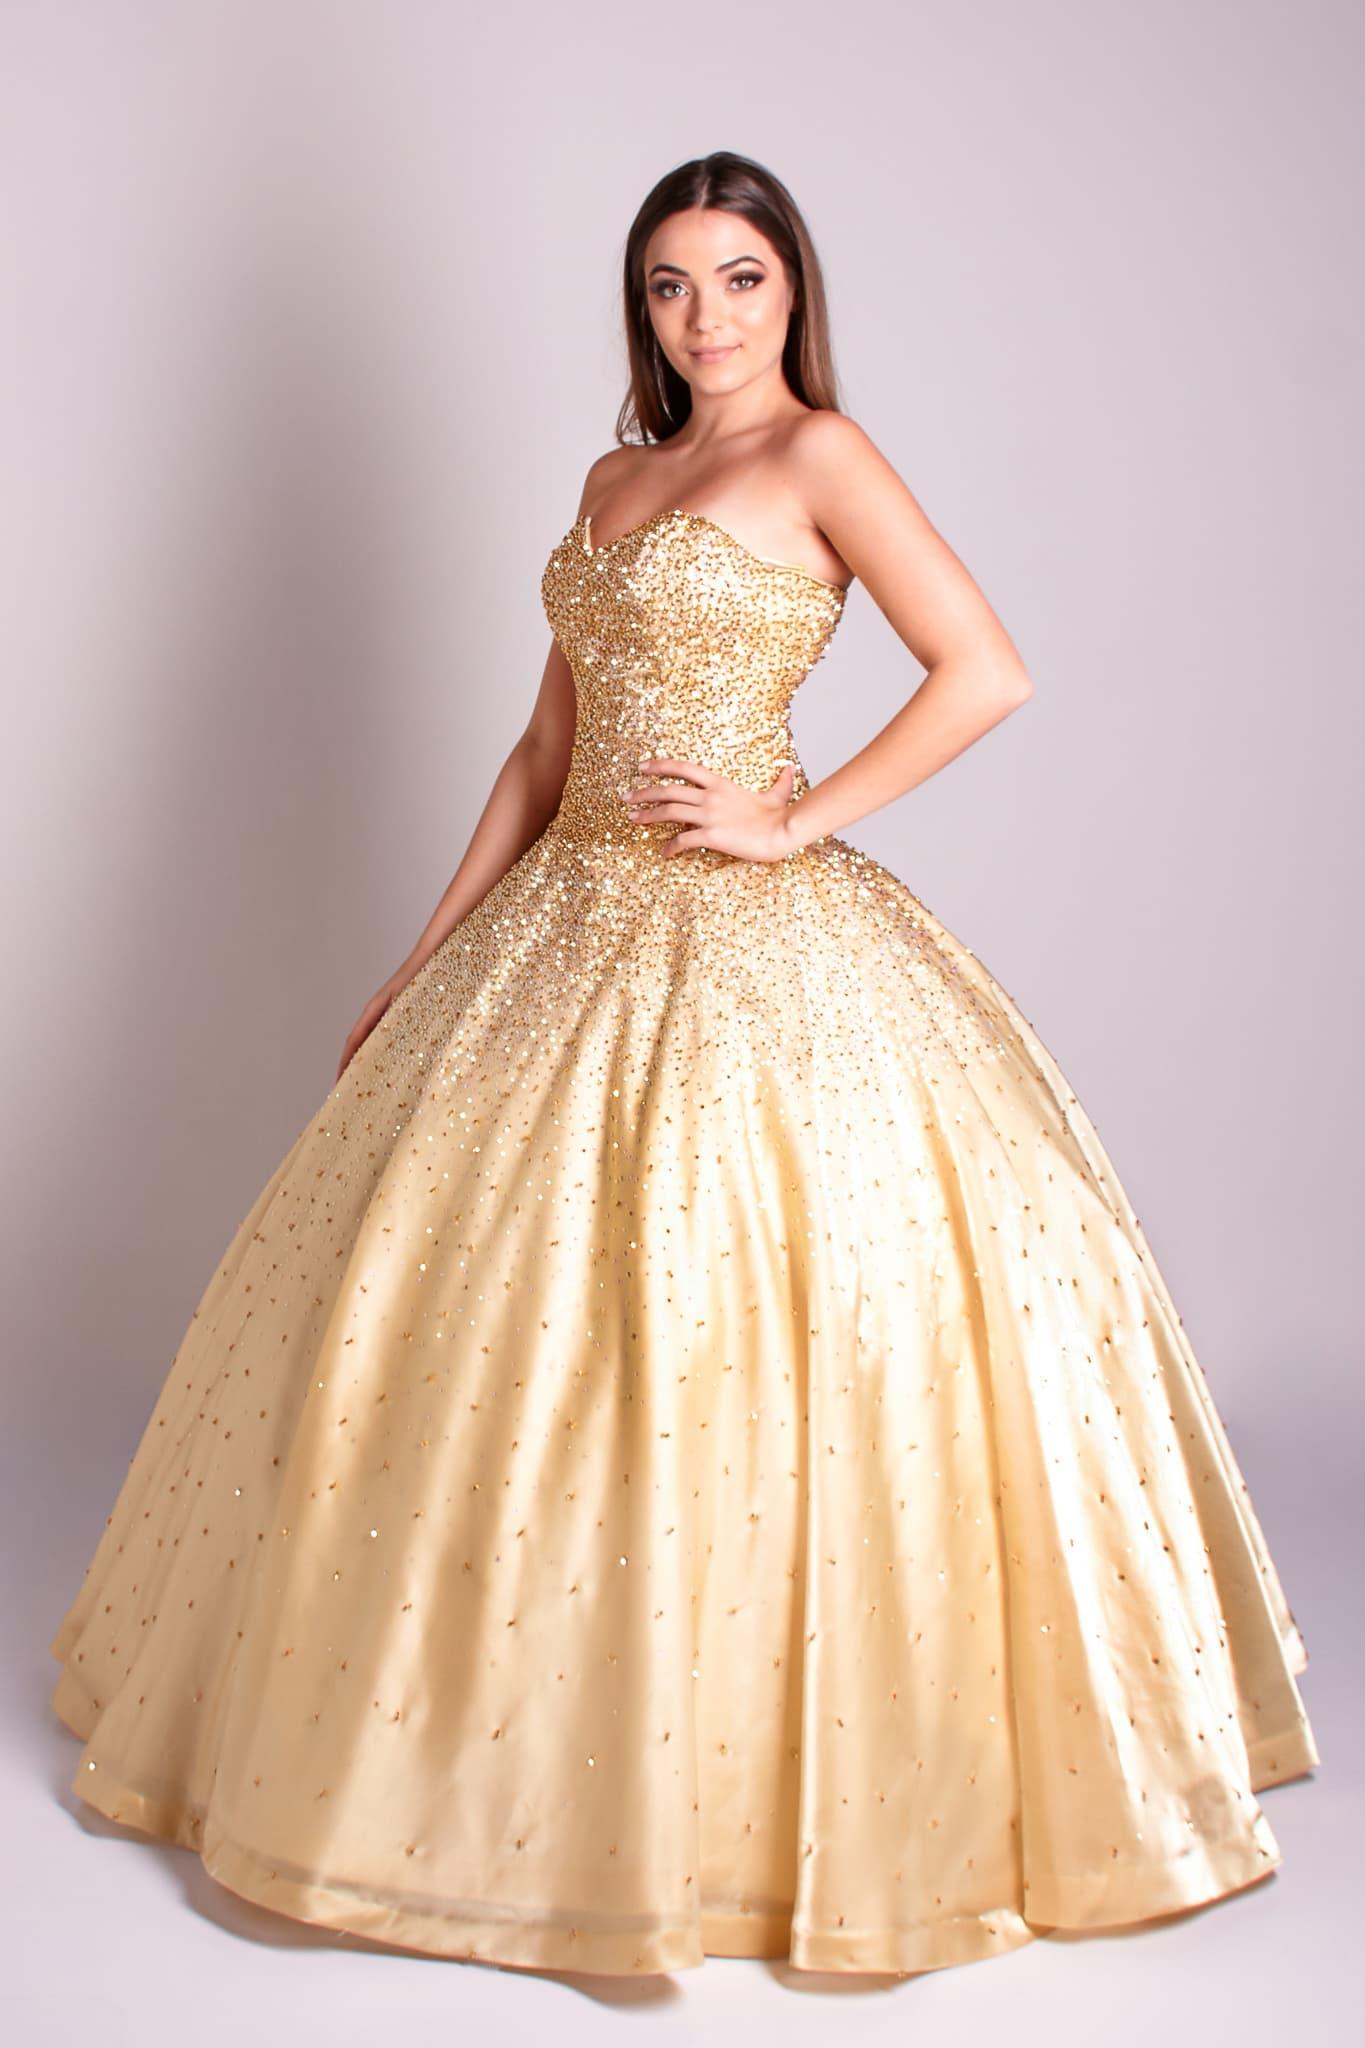 20 - Vestido dourado bordado à mão em cristais dourados